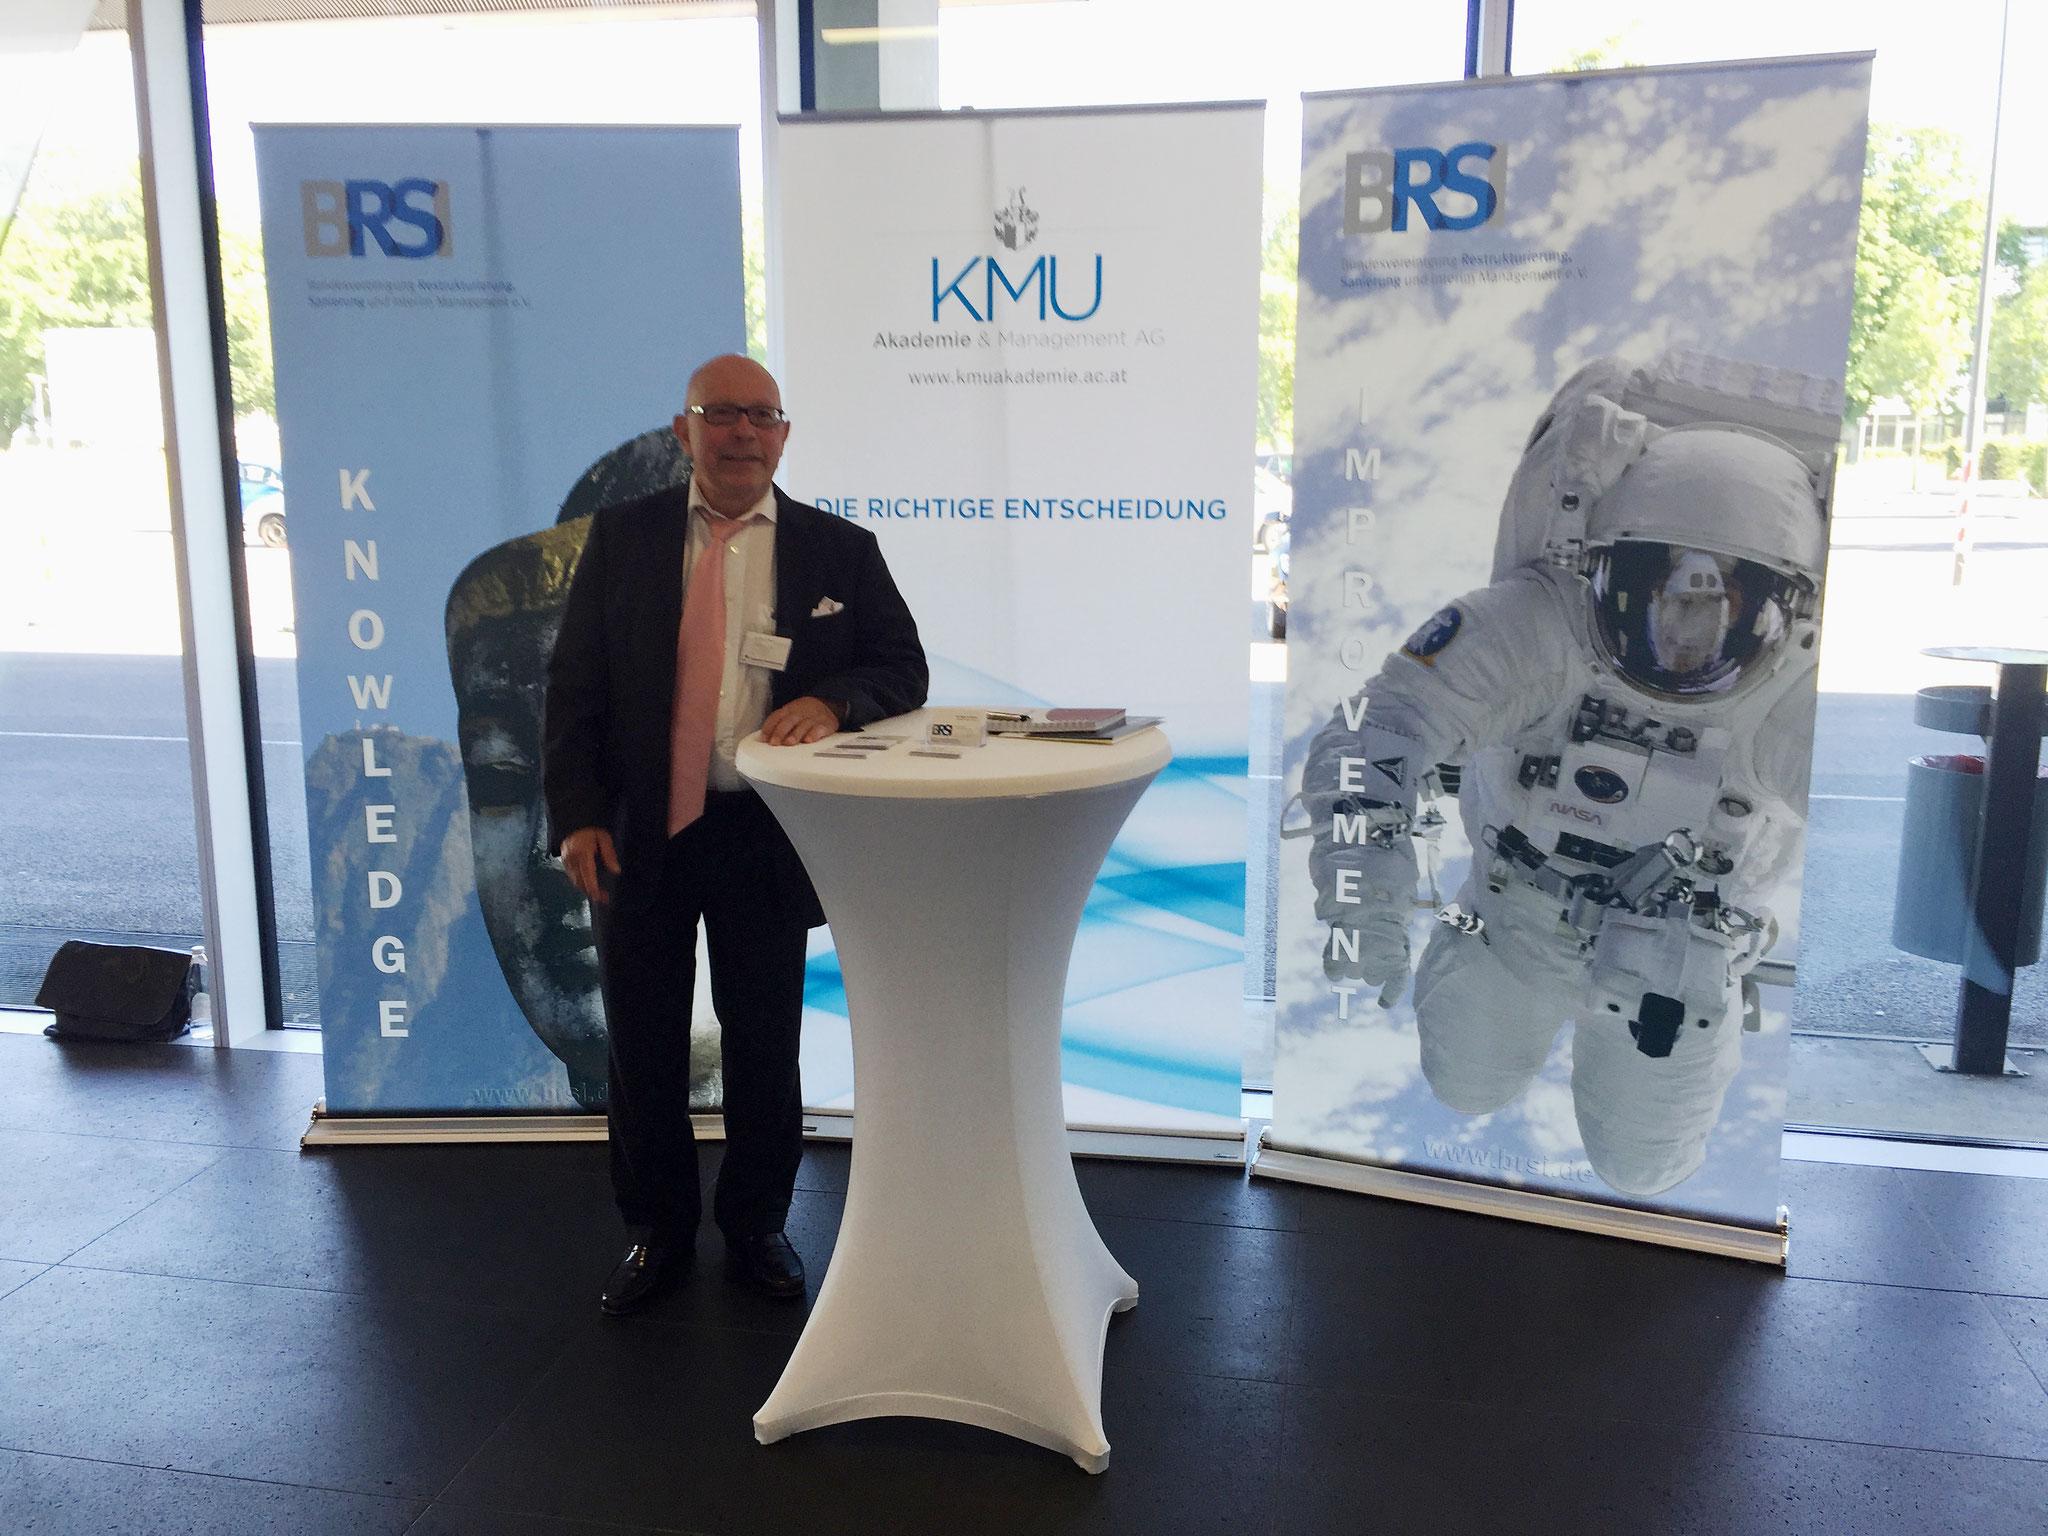 Der geschätsführende Vorstand Herr Dr. Dieter Körner ist soeben am Stand des BRSI eingetroffen.